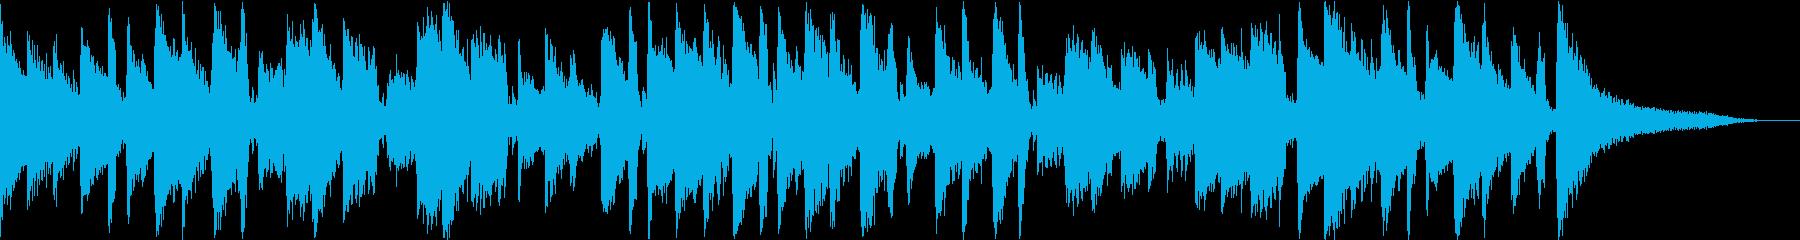 浮遊感のあるギターアルペジオの再生済みの波形